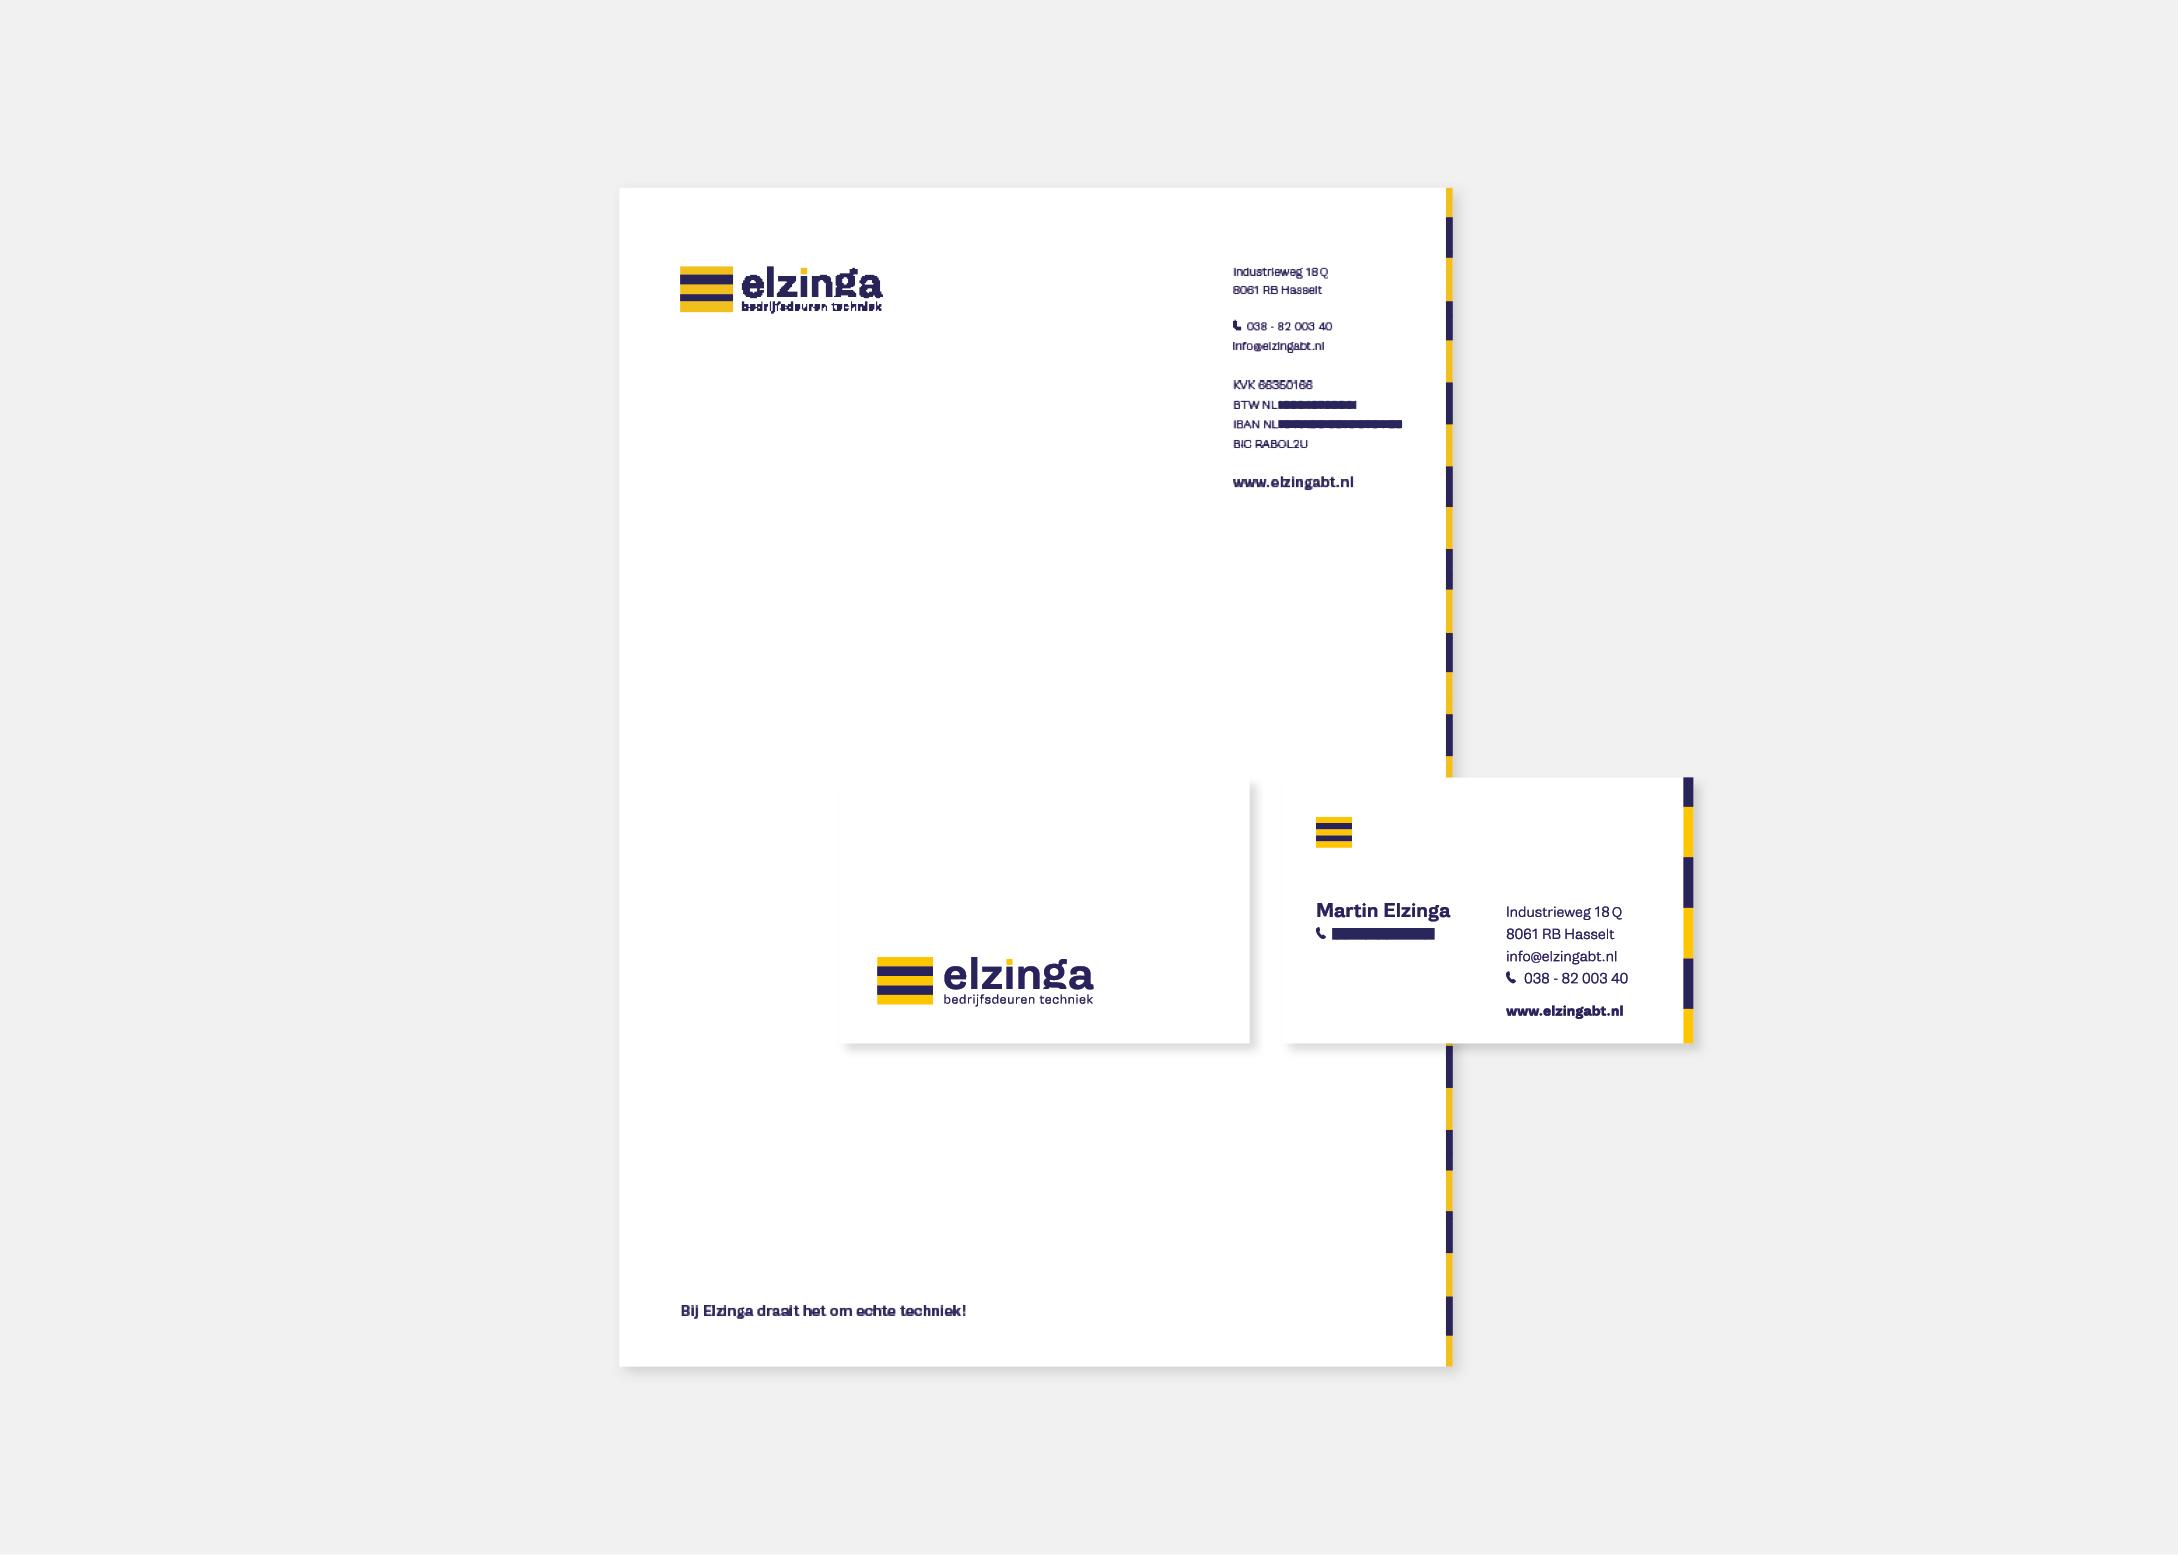 Huisstijl ontwerp voor mijn bedrijf laten maken Burowit Reclame ontwerp Thirza Bakker David van der Toorn